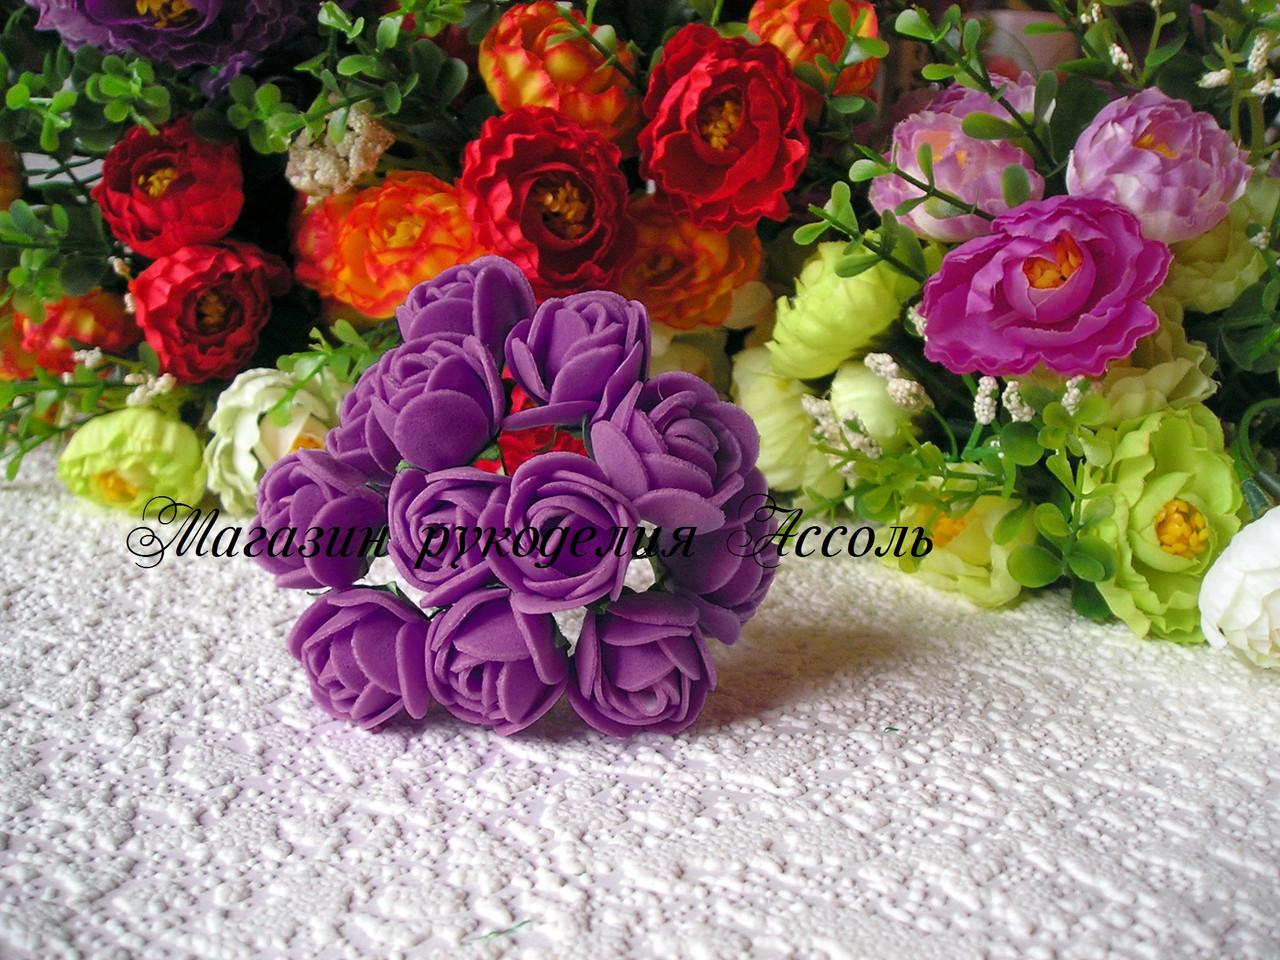 Розы из латекса 16 фотография